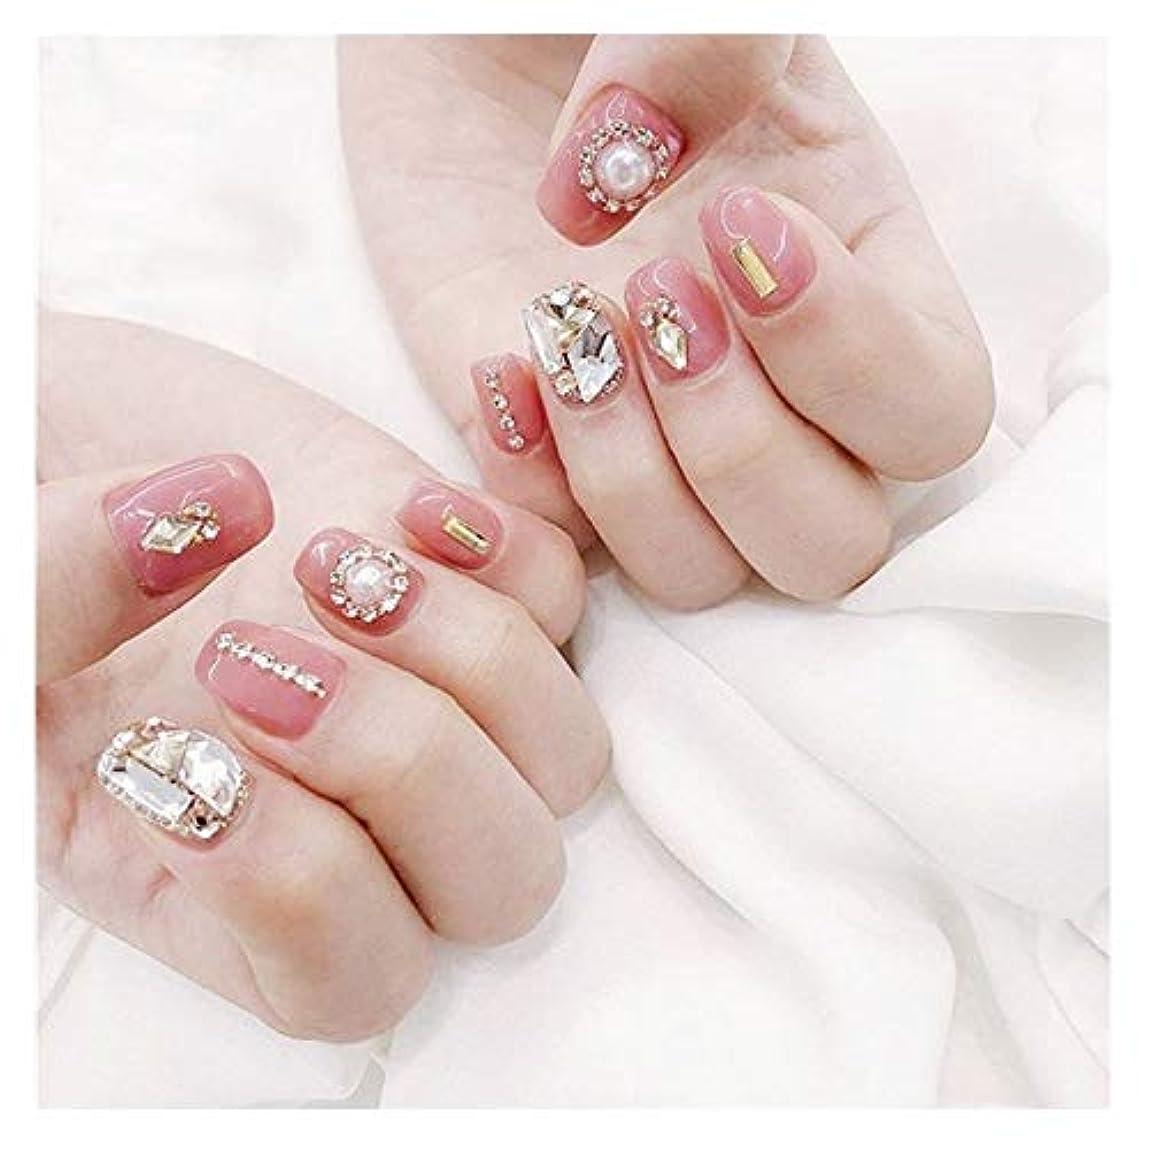 望ましい織る感覚LVUITTON ダイヤモンドのり偽の爪ピンクのかわいい花嫁フォトスタジオ完成ネイル偽の釘 (色 : 24 pieces)